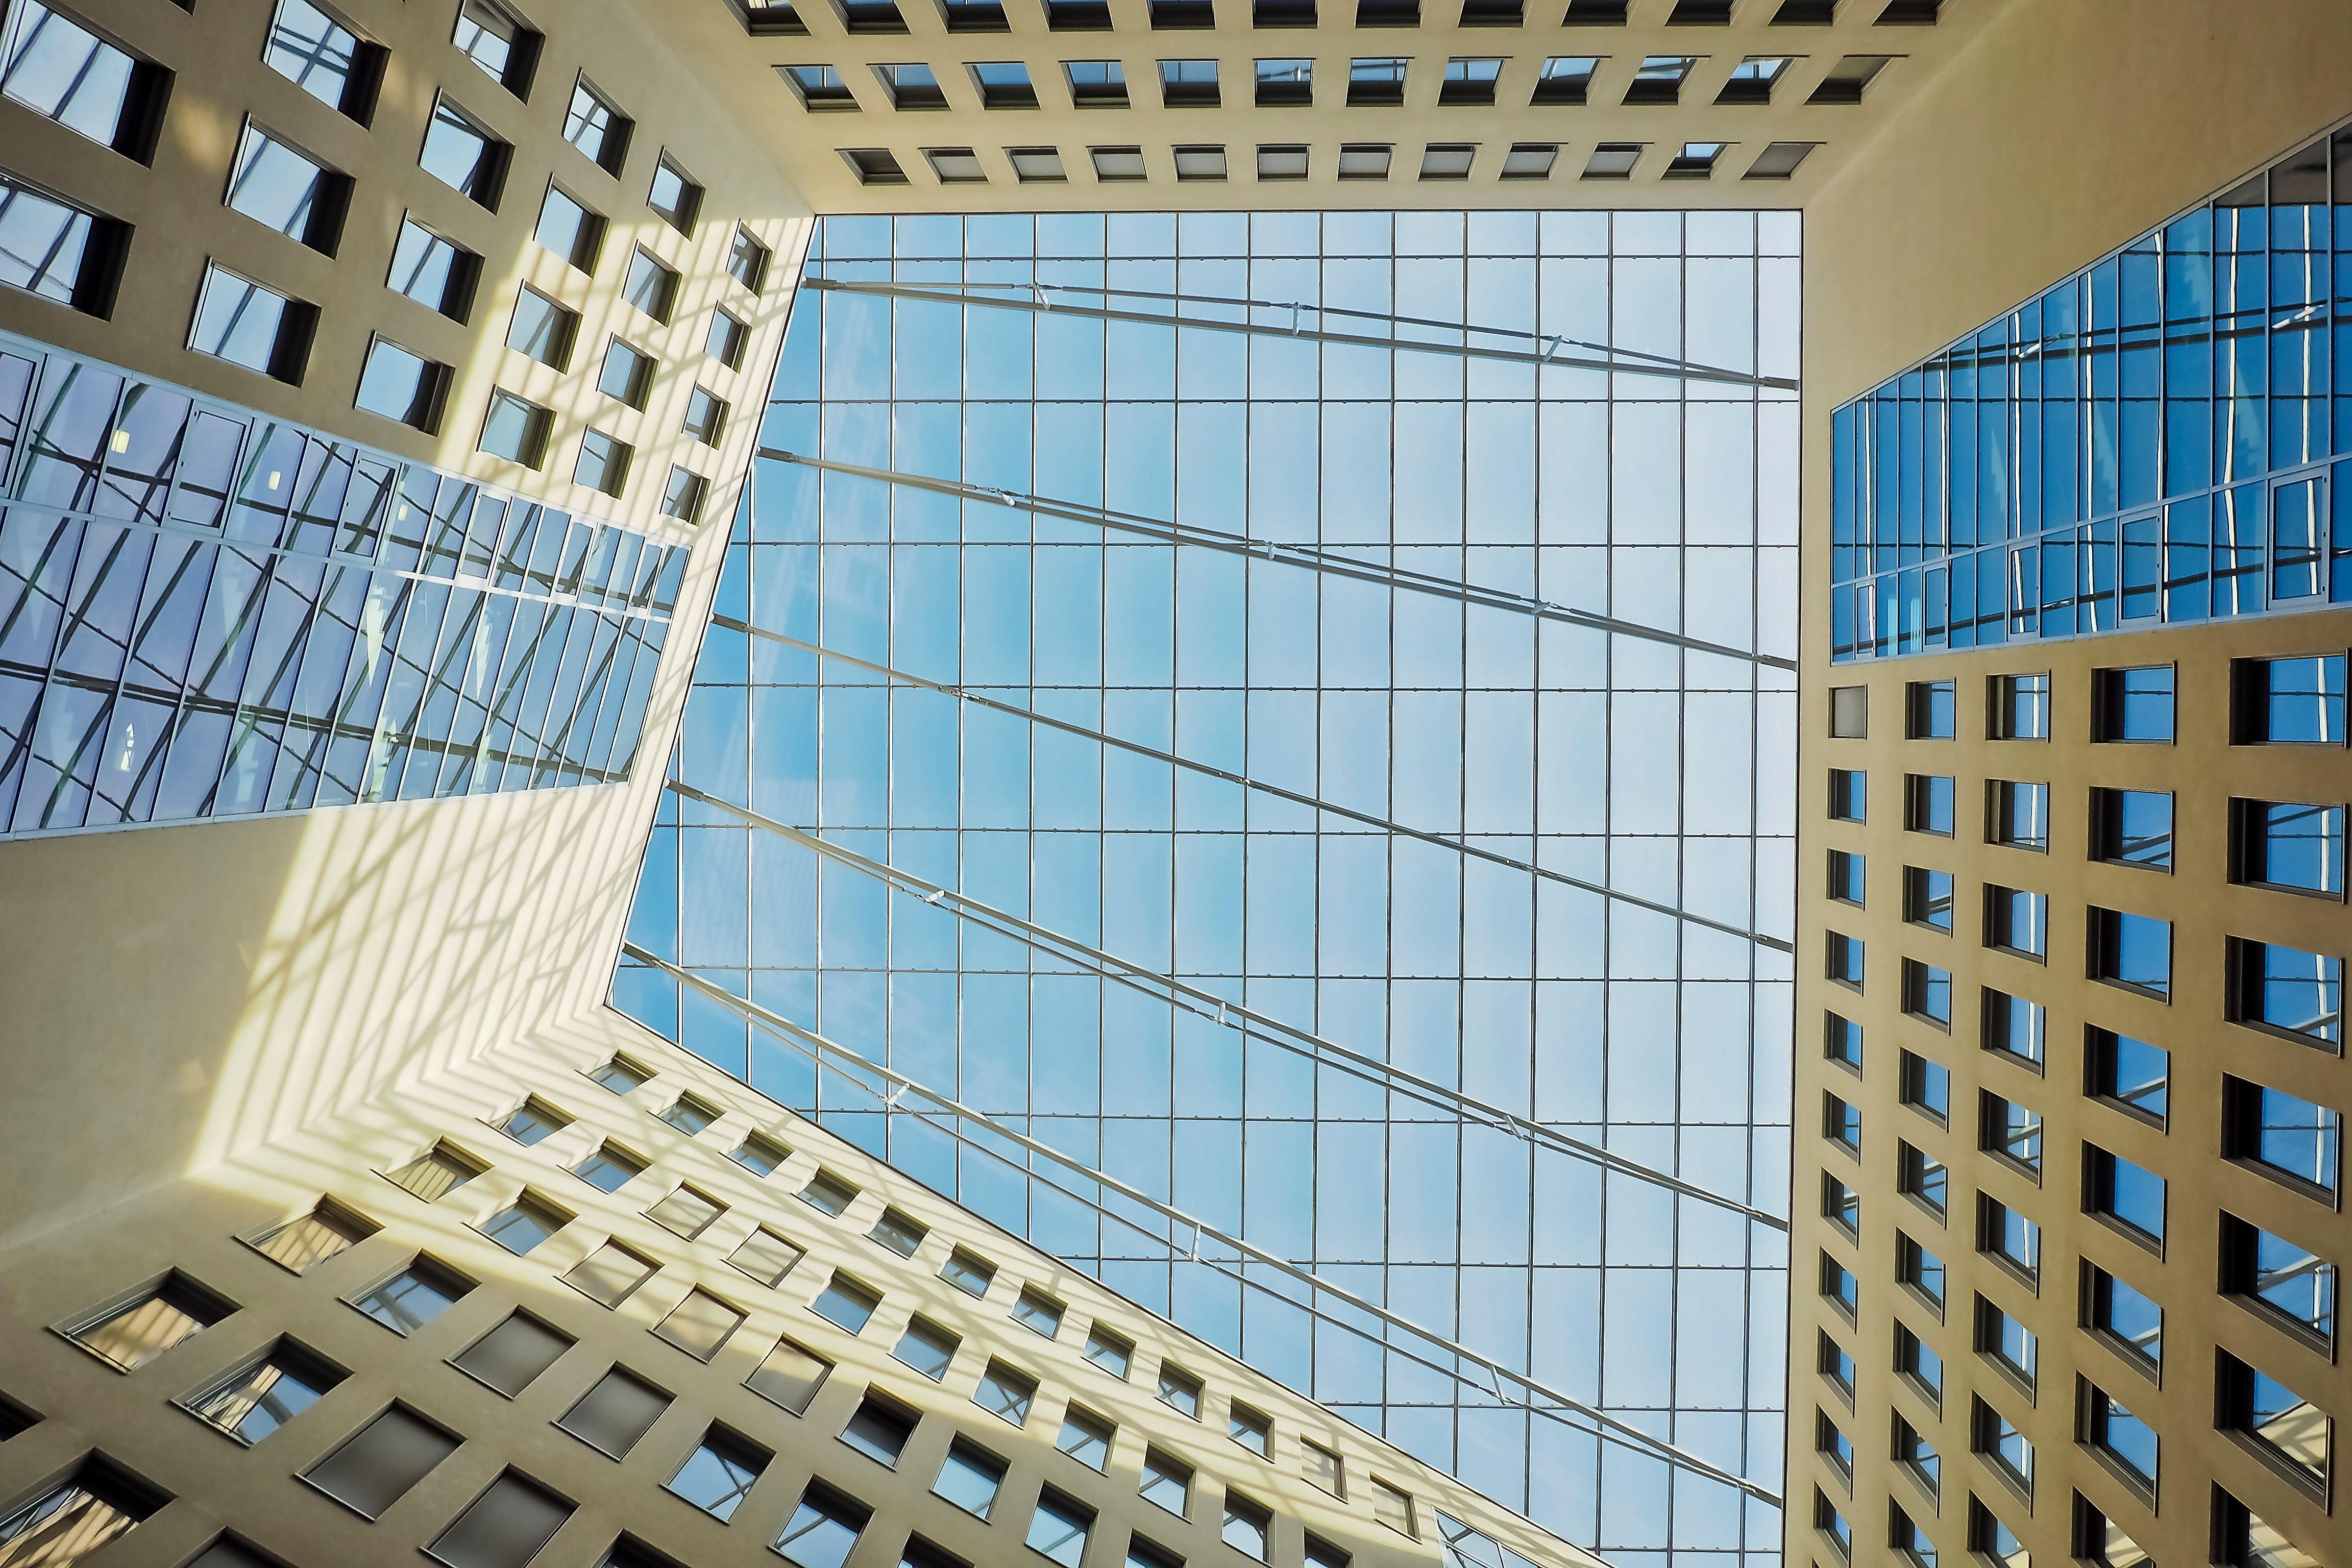 architectural design, building, cityscape